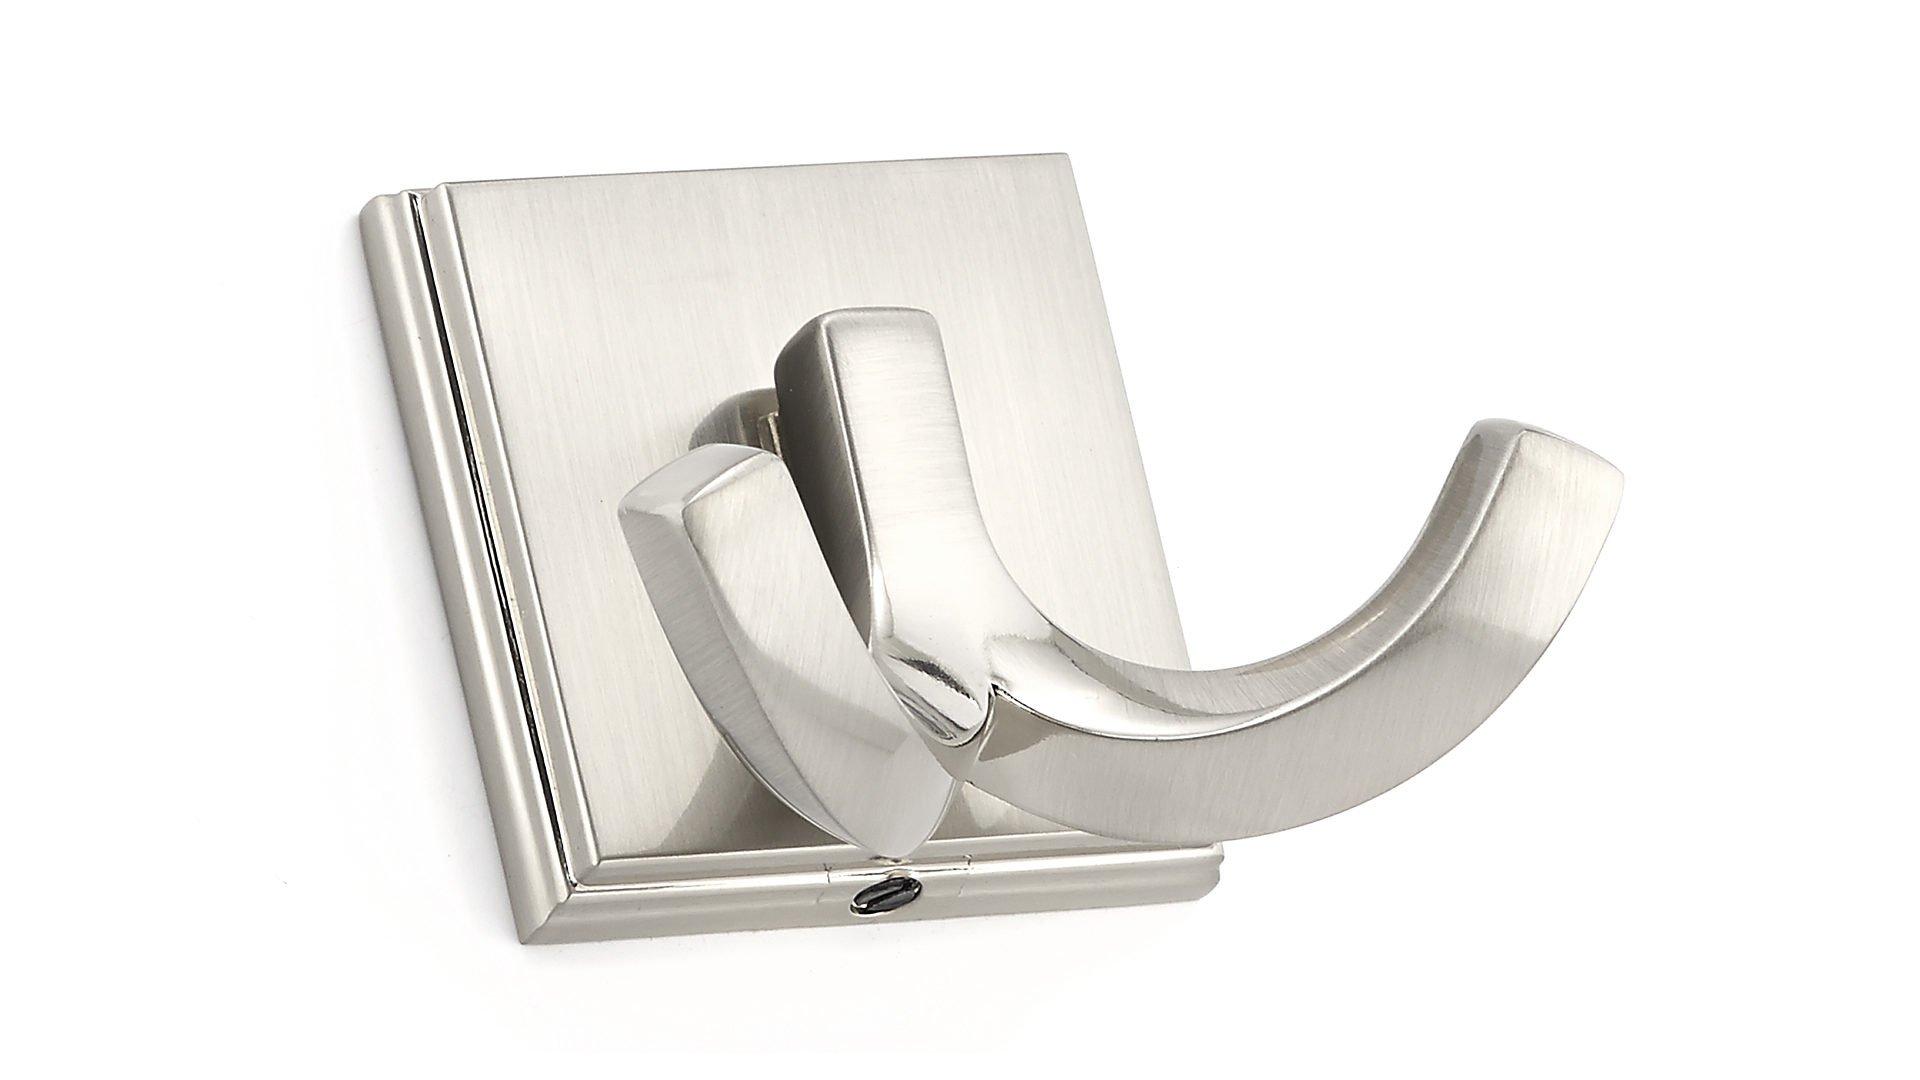 Richelieu Hardware BP7952195 Transitional Metal Hook, Brushed Nickel Finish